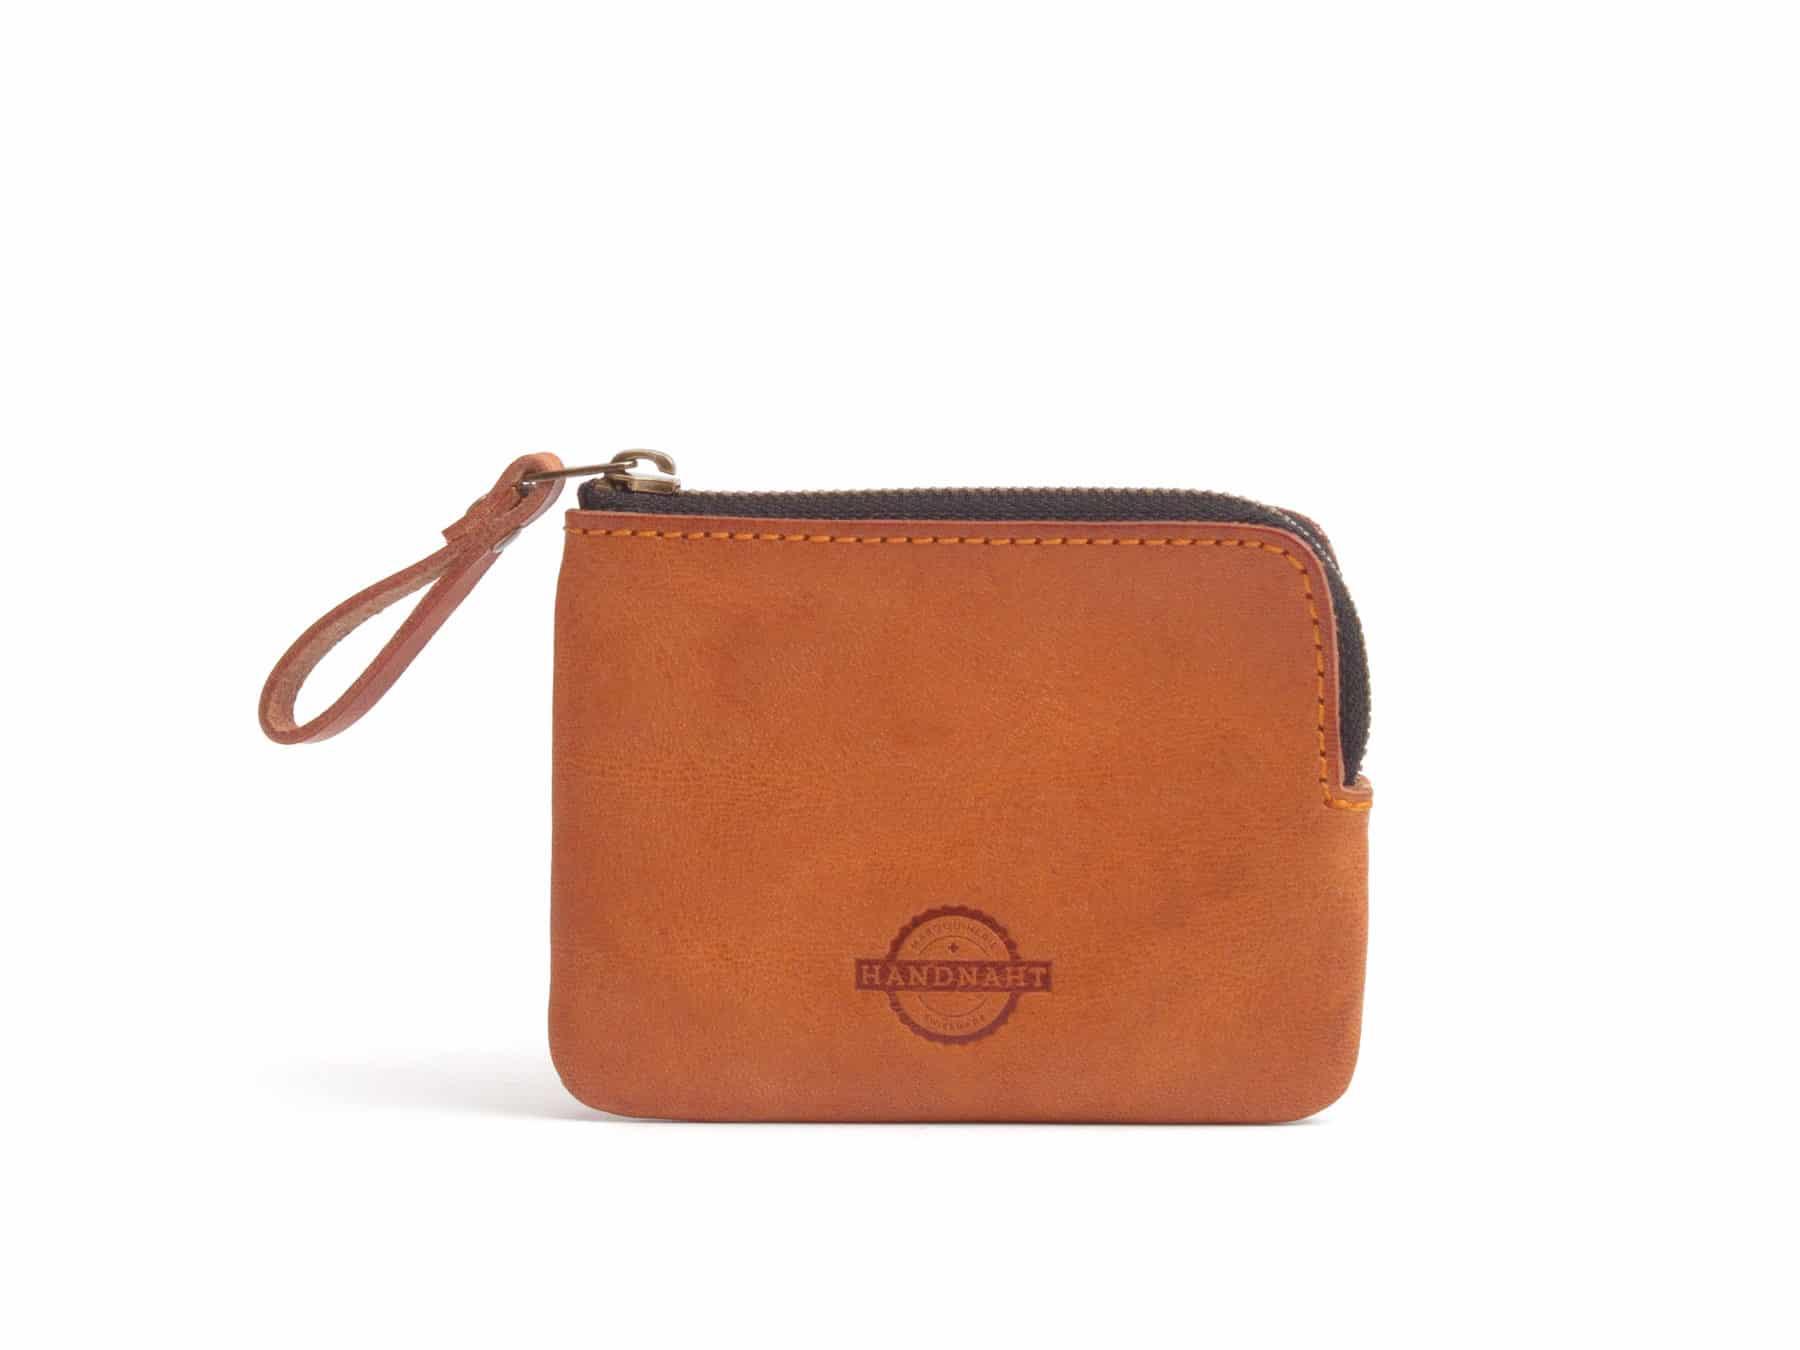 Leder Portemonnaie Brieftasche Leder Schweiz Handnaht Cognac KURTS.ch